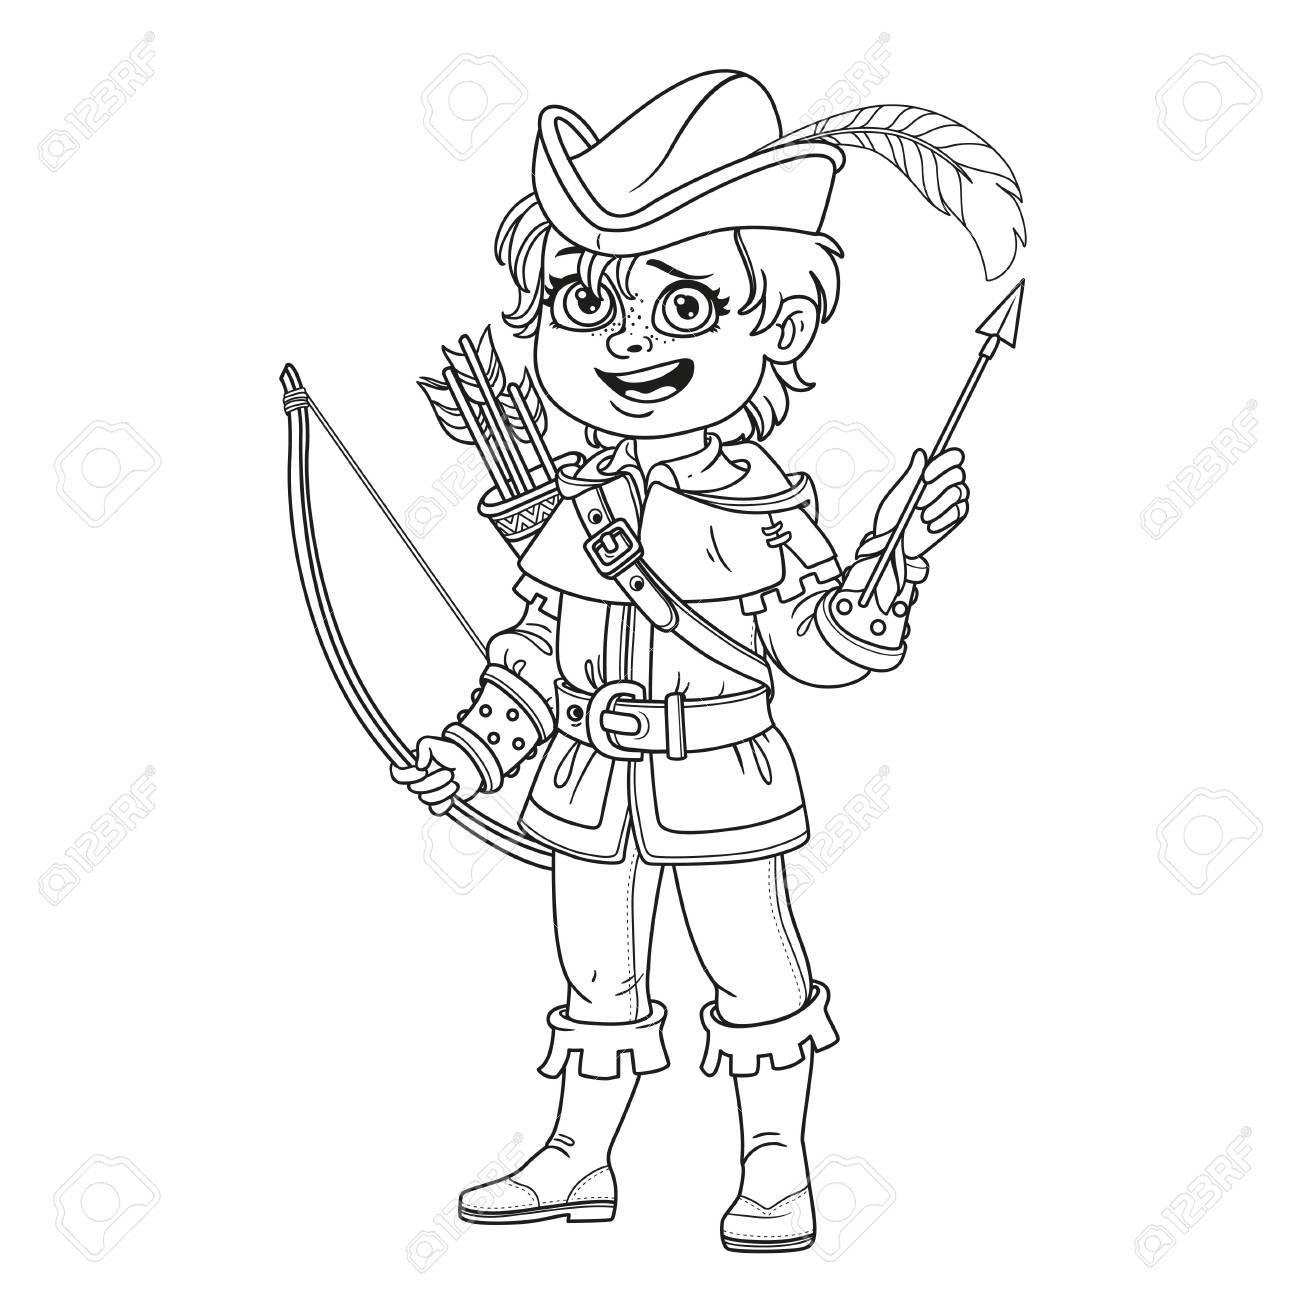 Netter Junge In Robin Hood Kostüm Skizziert Für Ausmalbilder